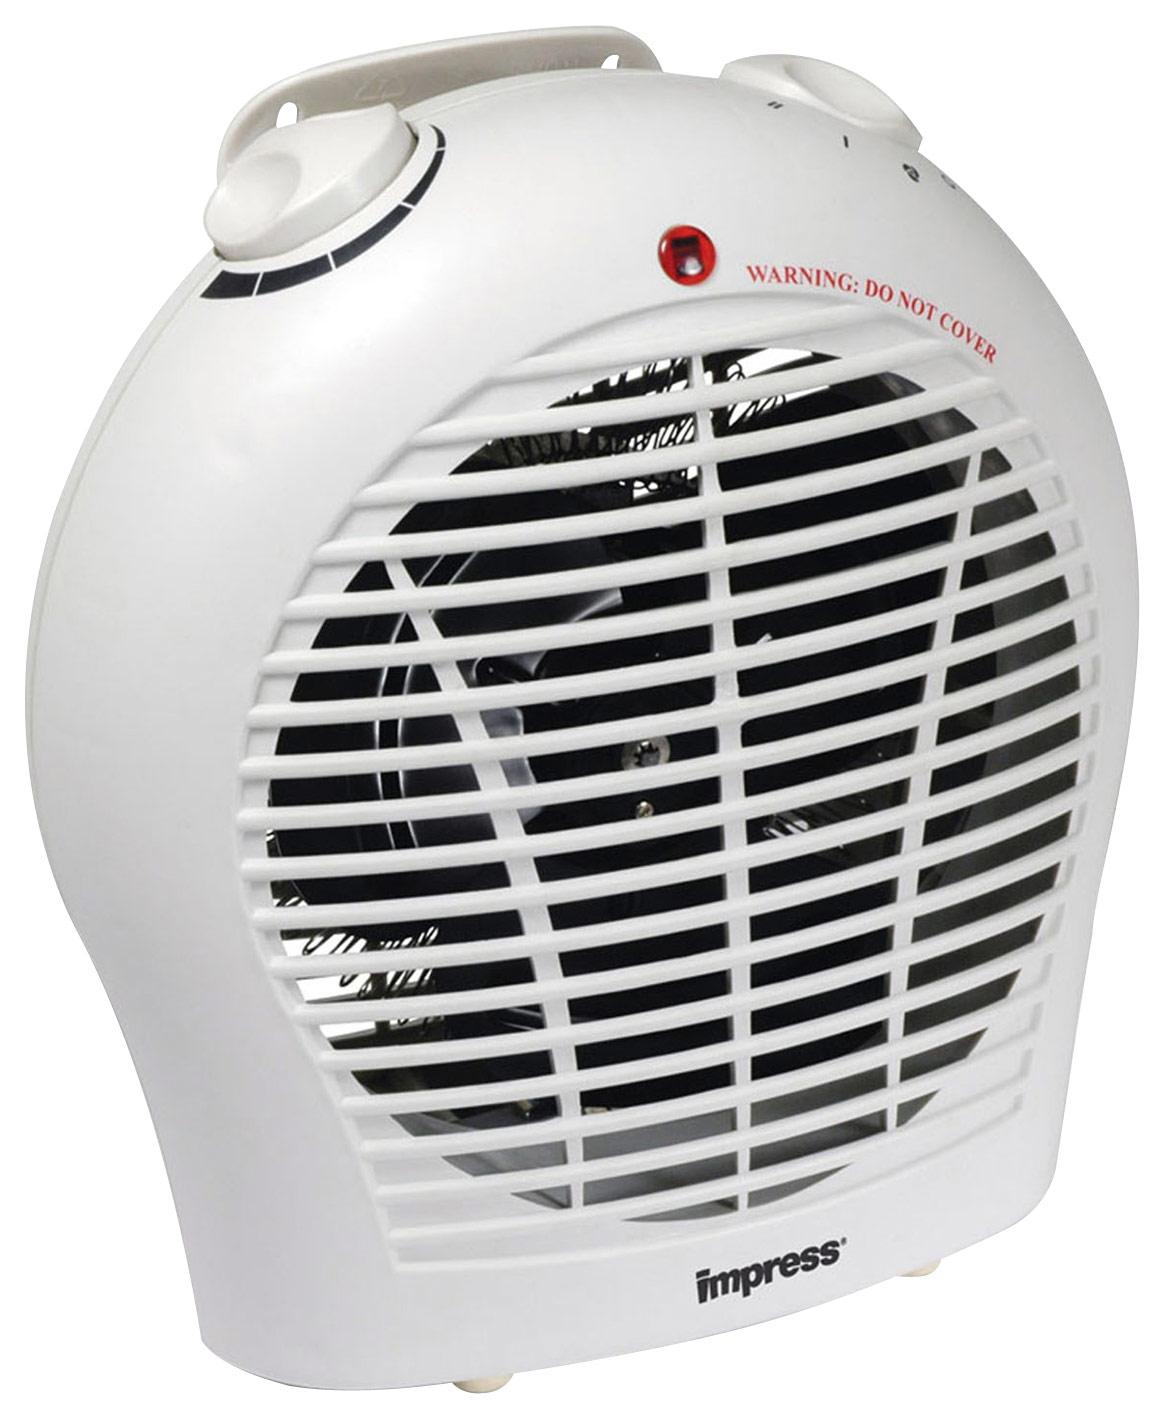 Impress - Electric Fan Heater - White